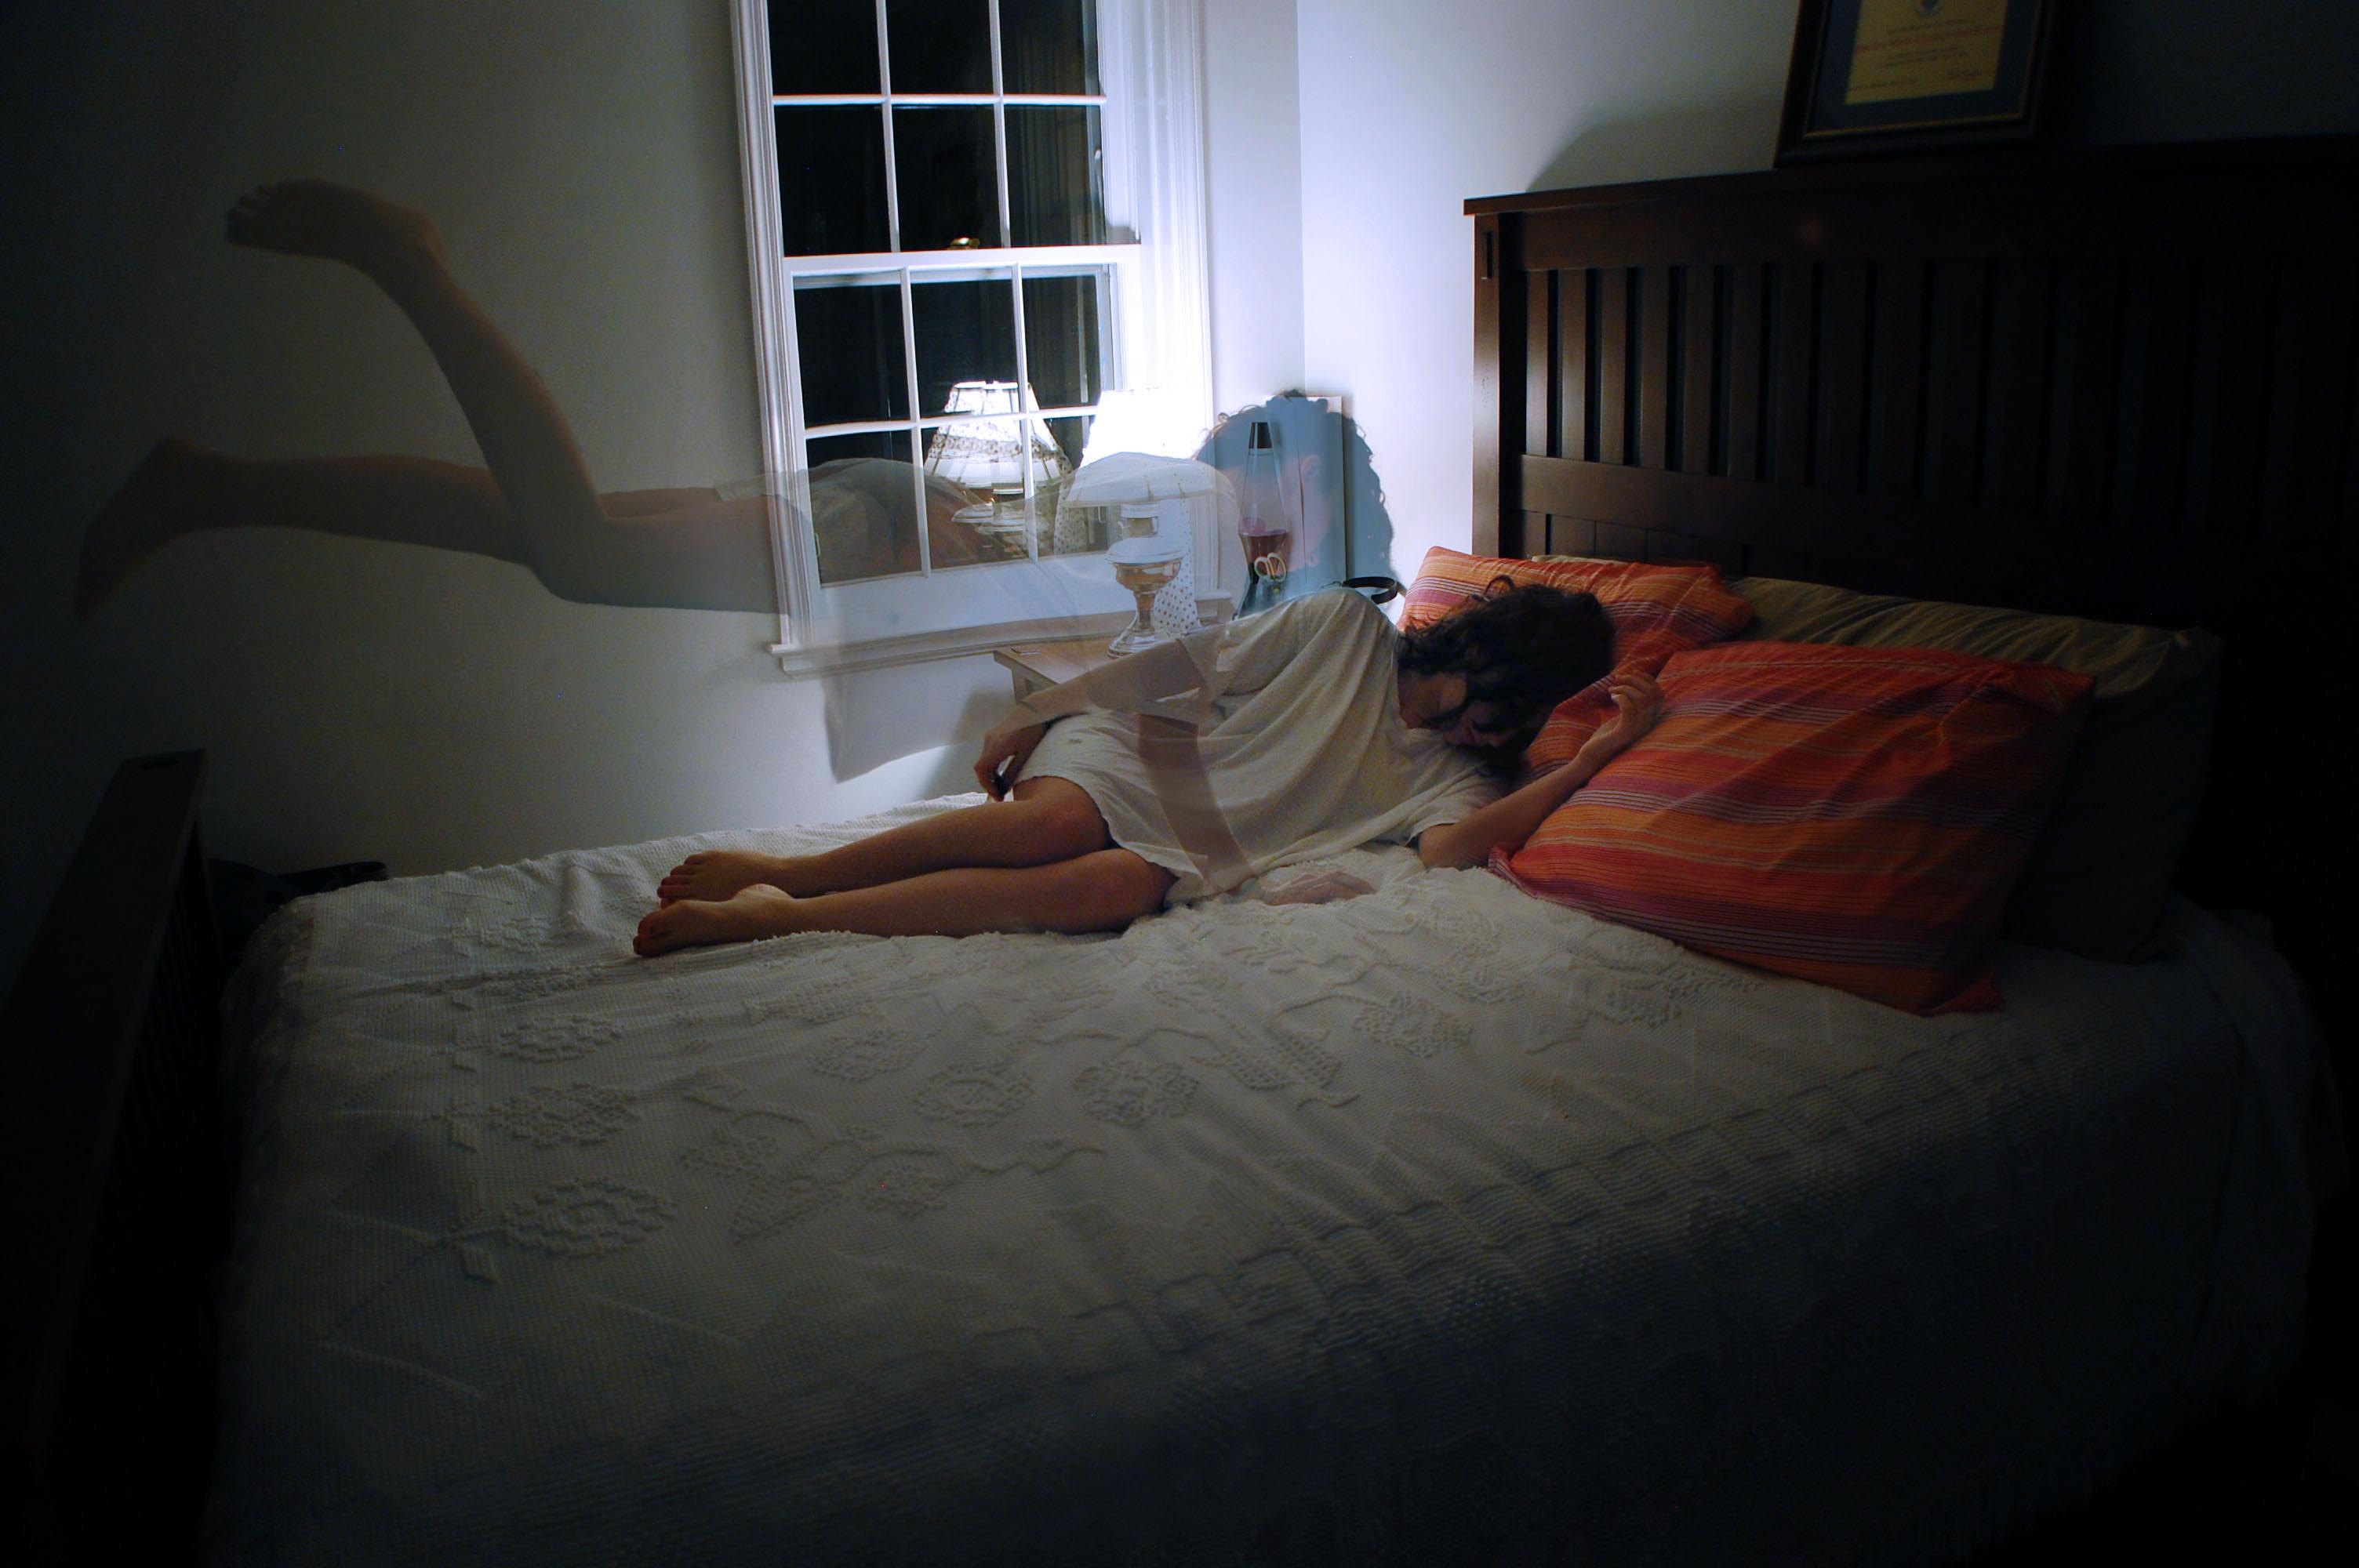 Разновидности сновидений и их значение в жизни человека.